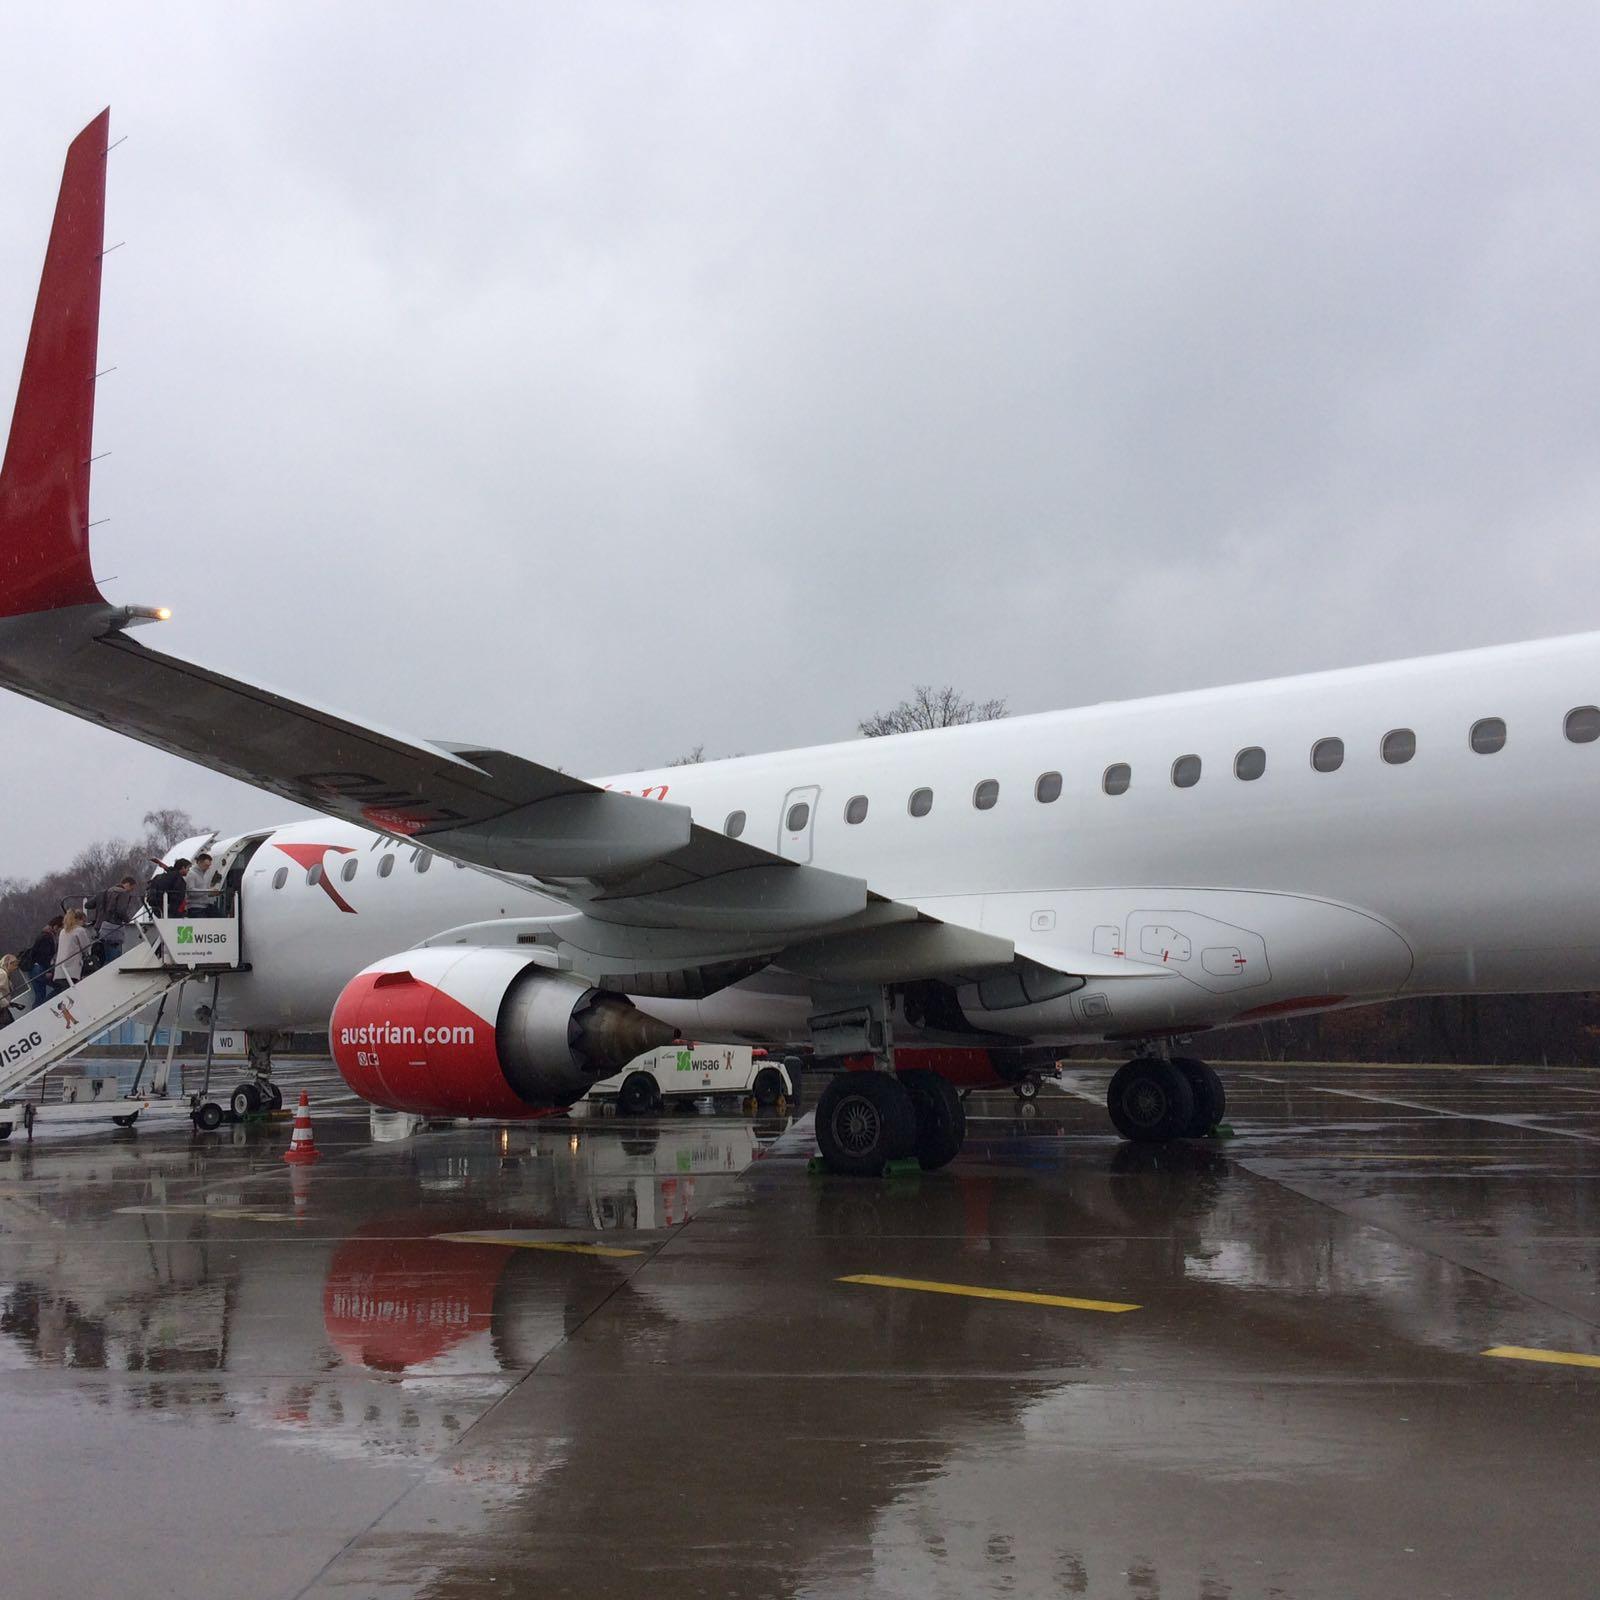 Austrian Airlines von Köln/Bonn nach Wien